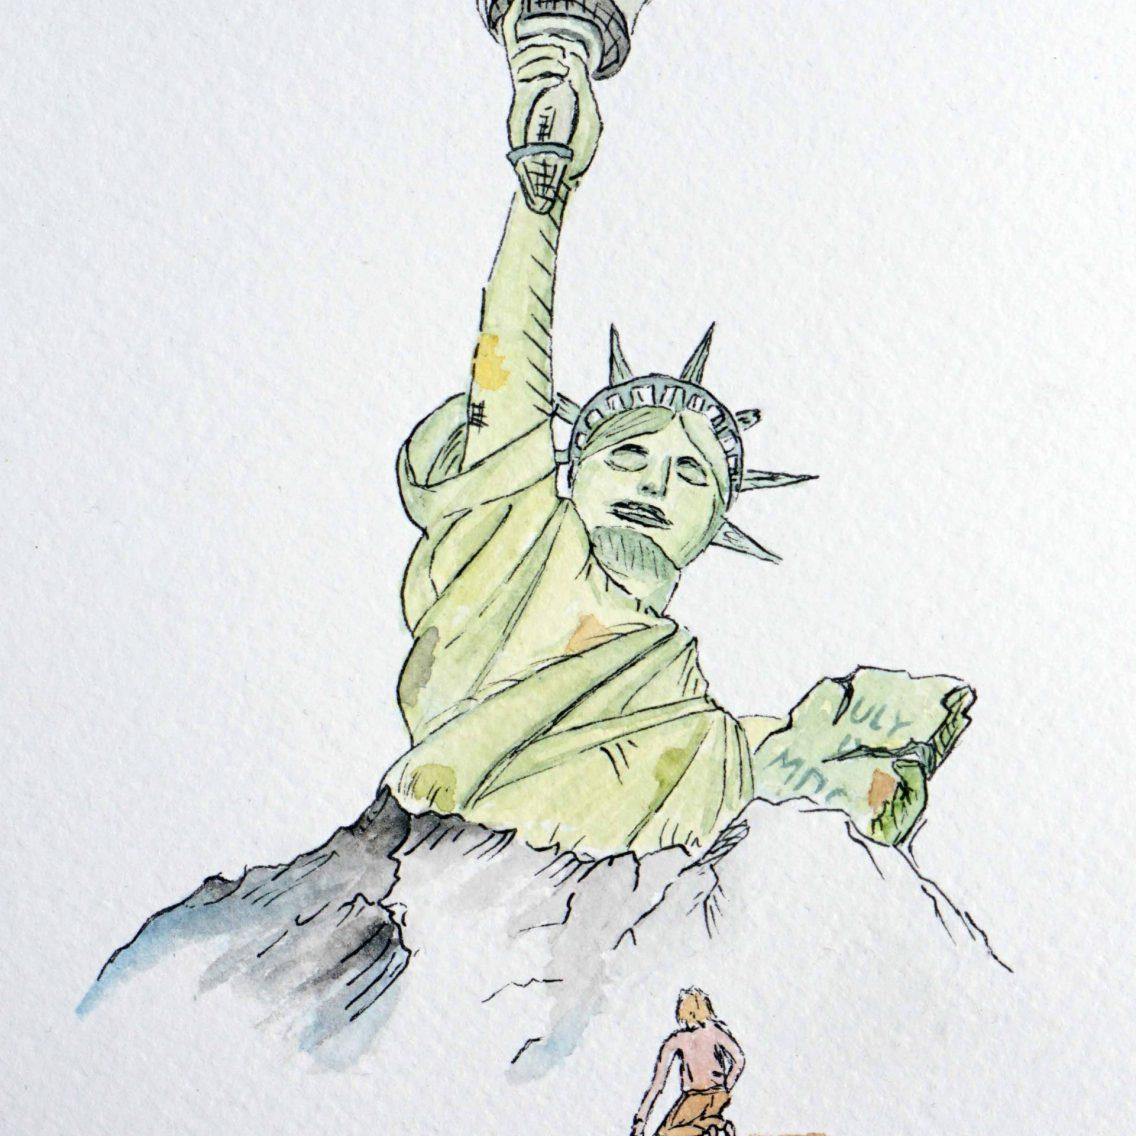 2021 - 4. Fall of Liberty